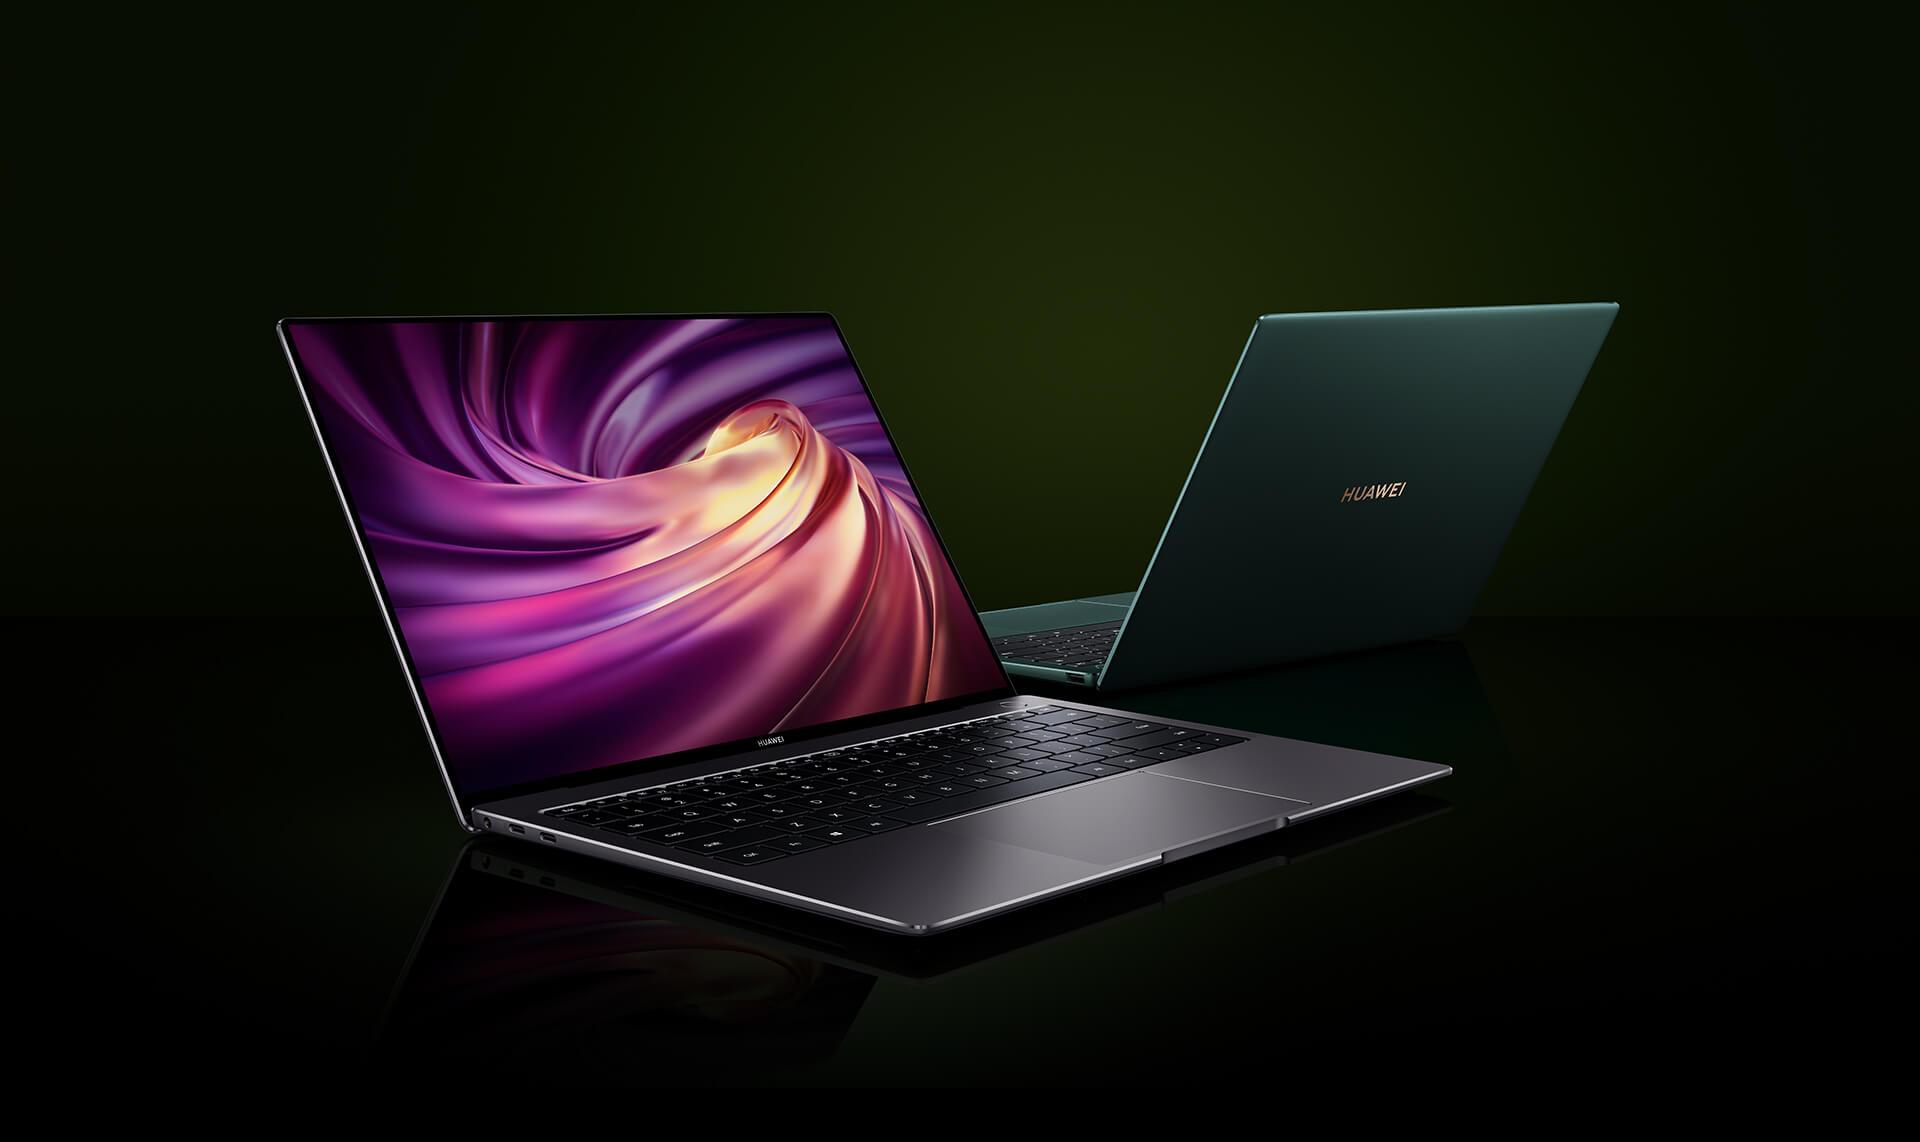 روکیدا - بهترین لپ تاپ های سال 2020 : 10 لپ تاپ برتر 2020 - لپ تاپ, کامپیوتر